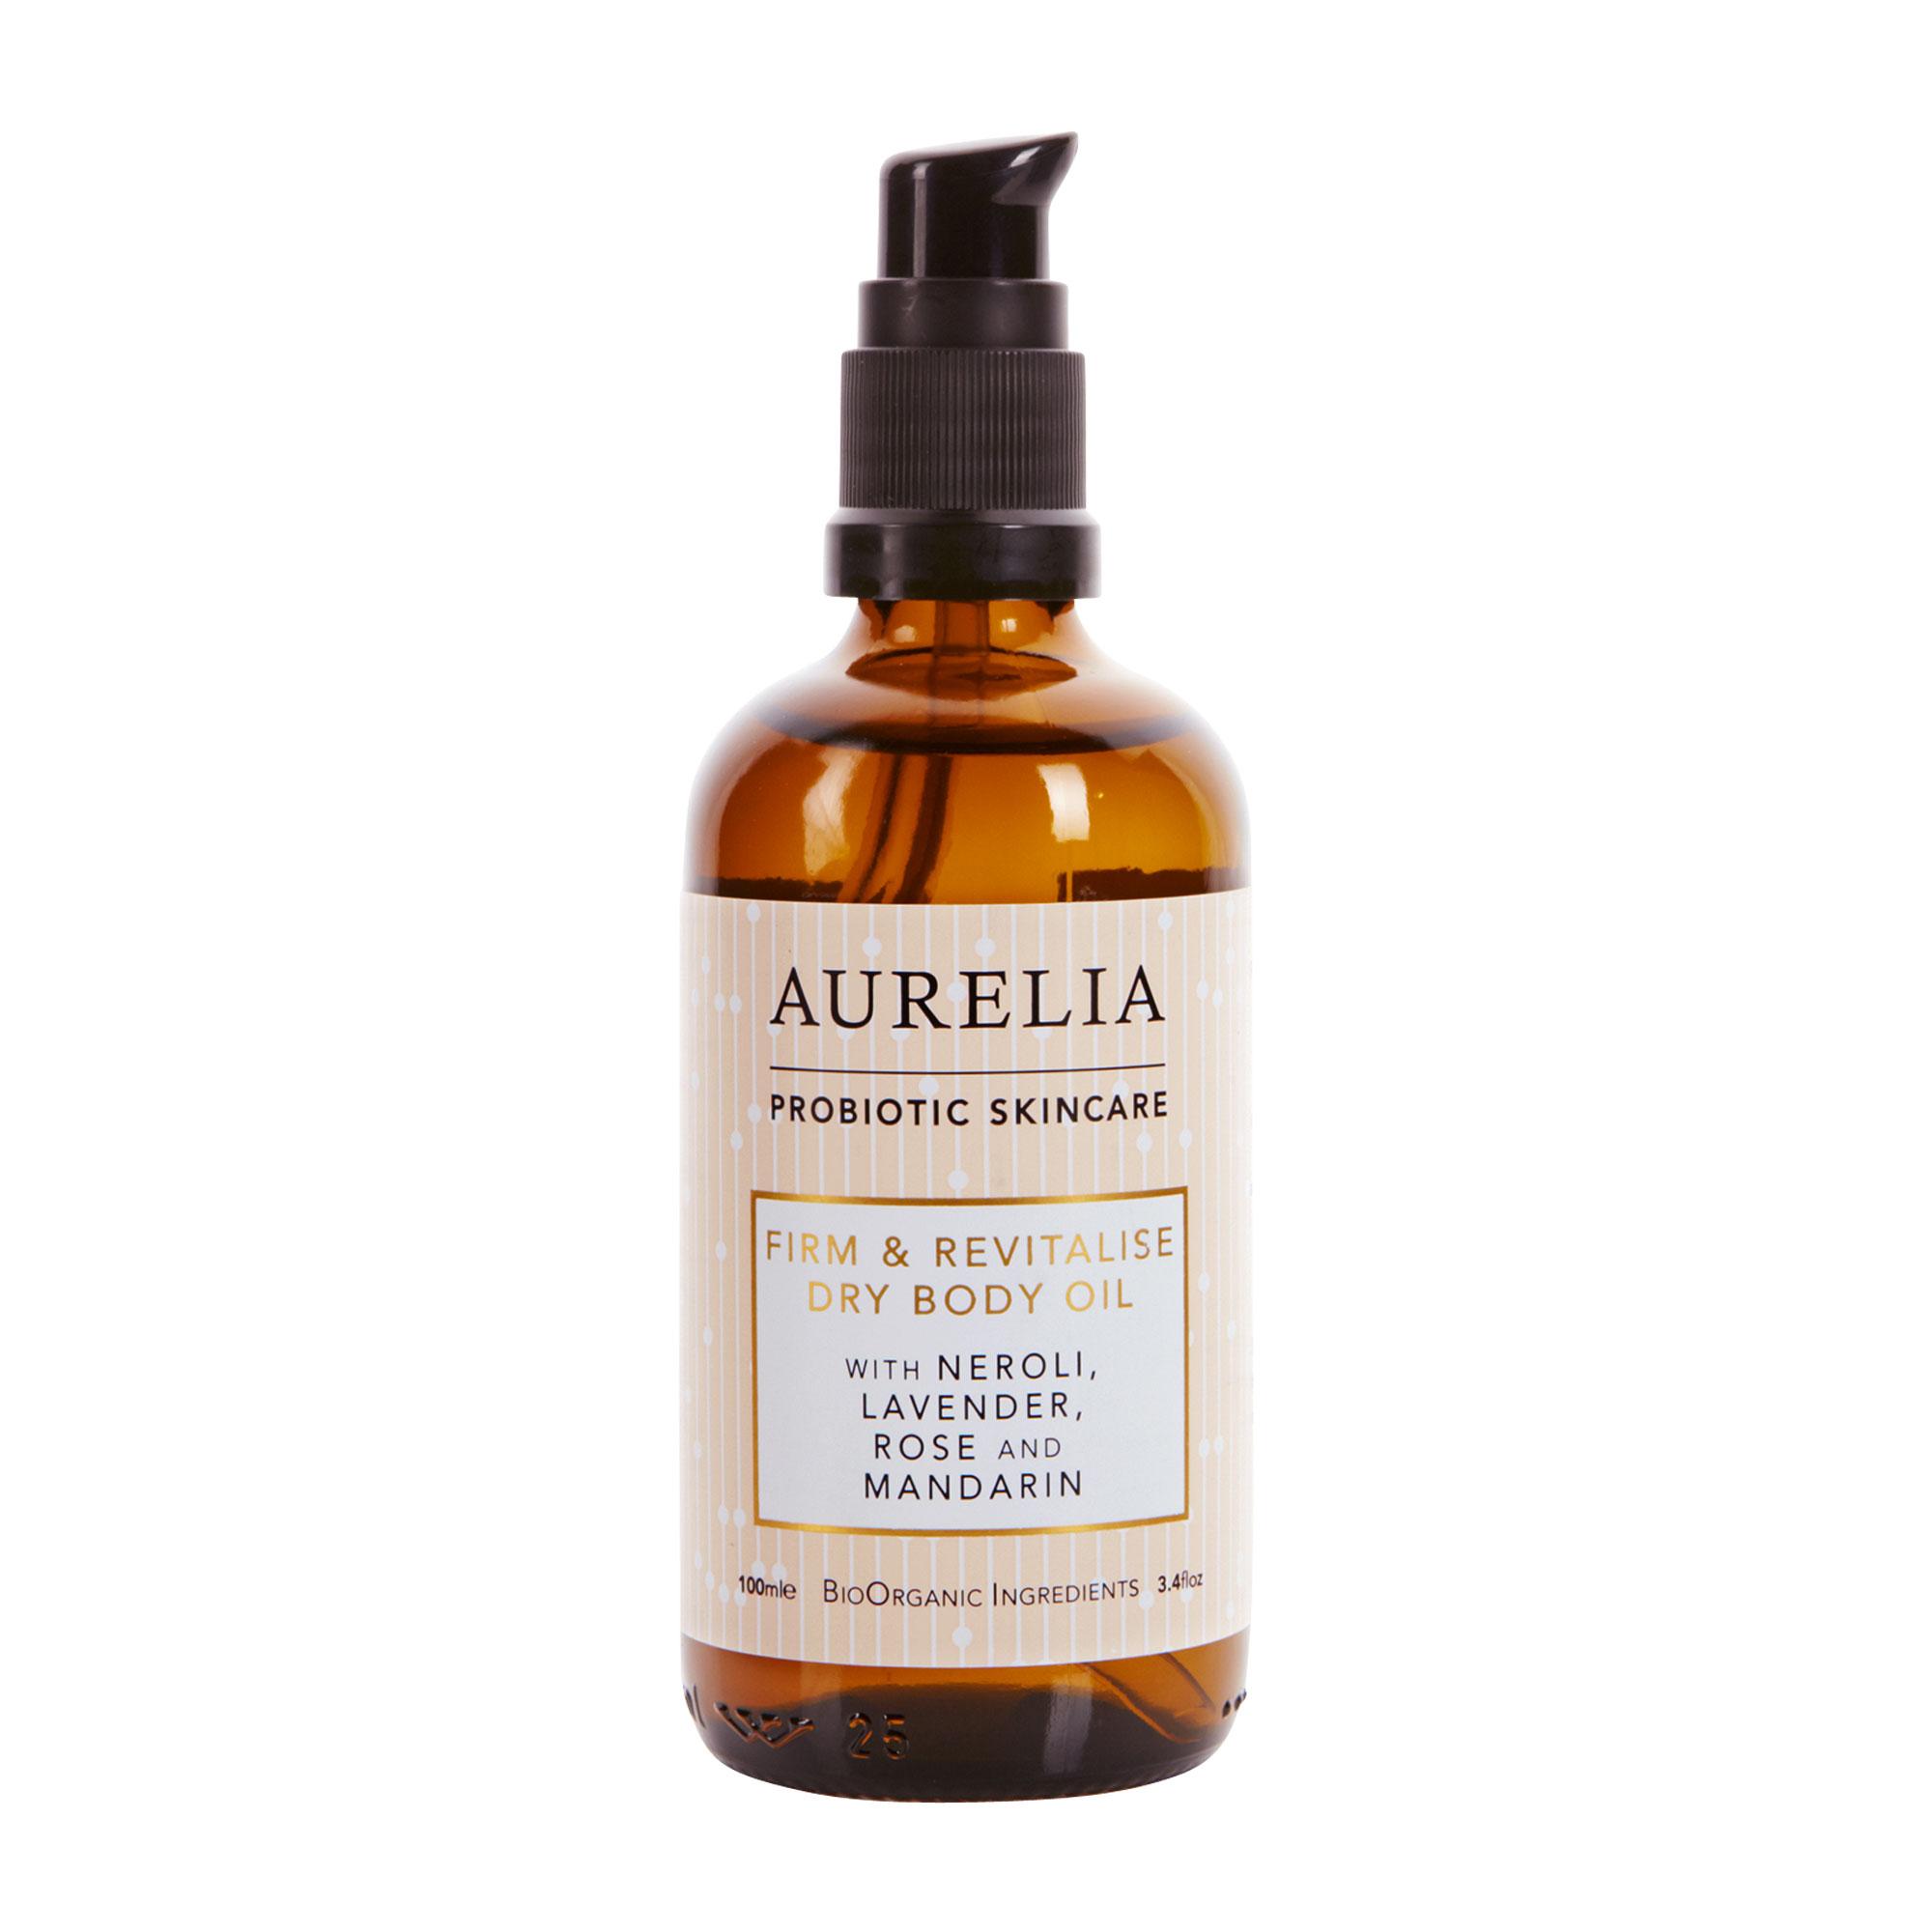 Aurelia Firm & Replenish Dry Body Oil, 100 ml